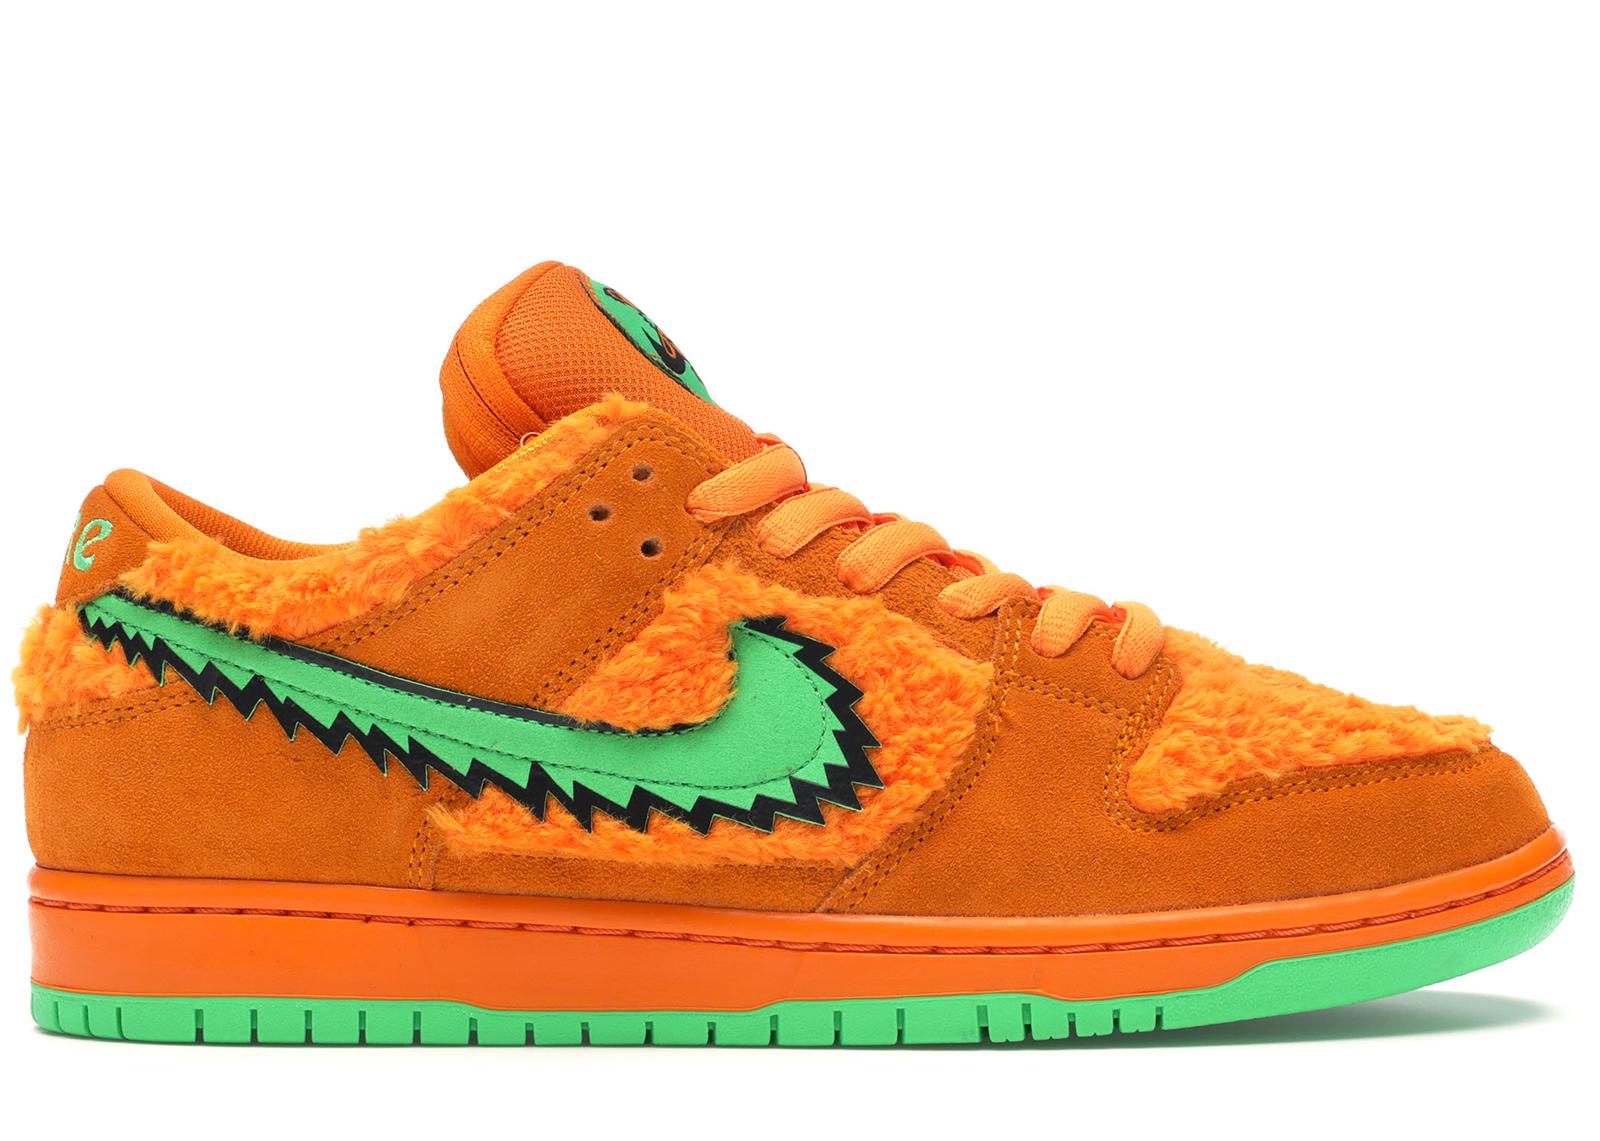 Nike SB Dunk Low Grateful Dead Bears Orange - CJ5378-800